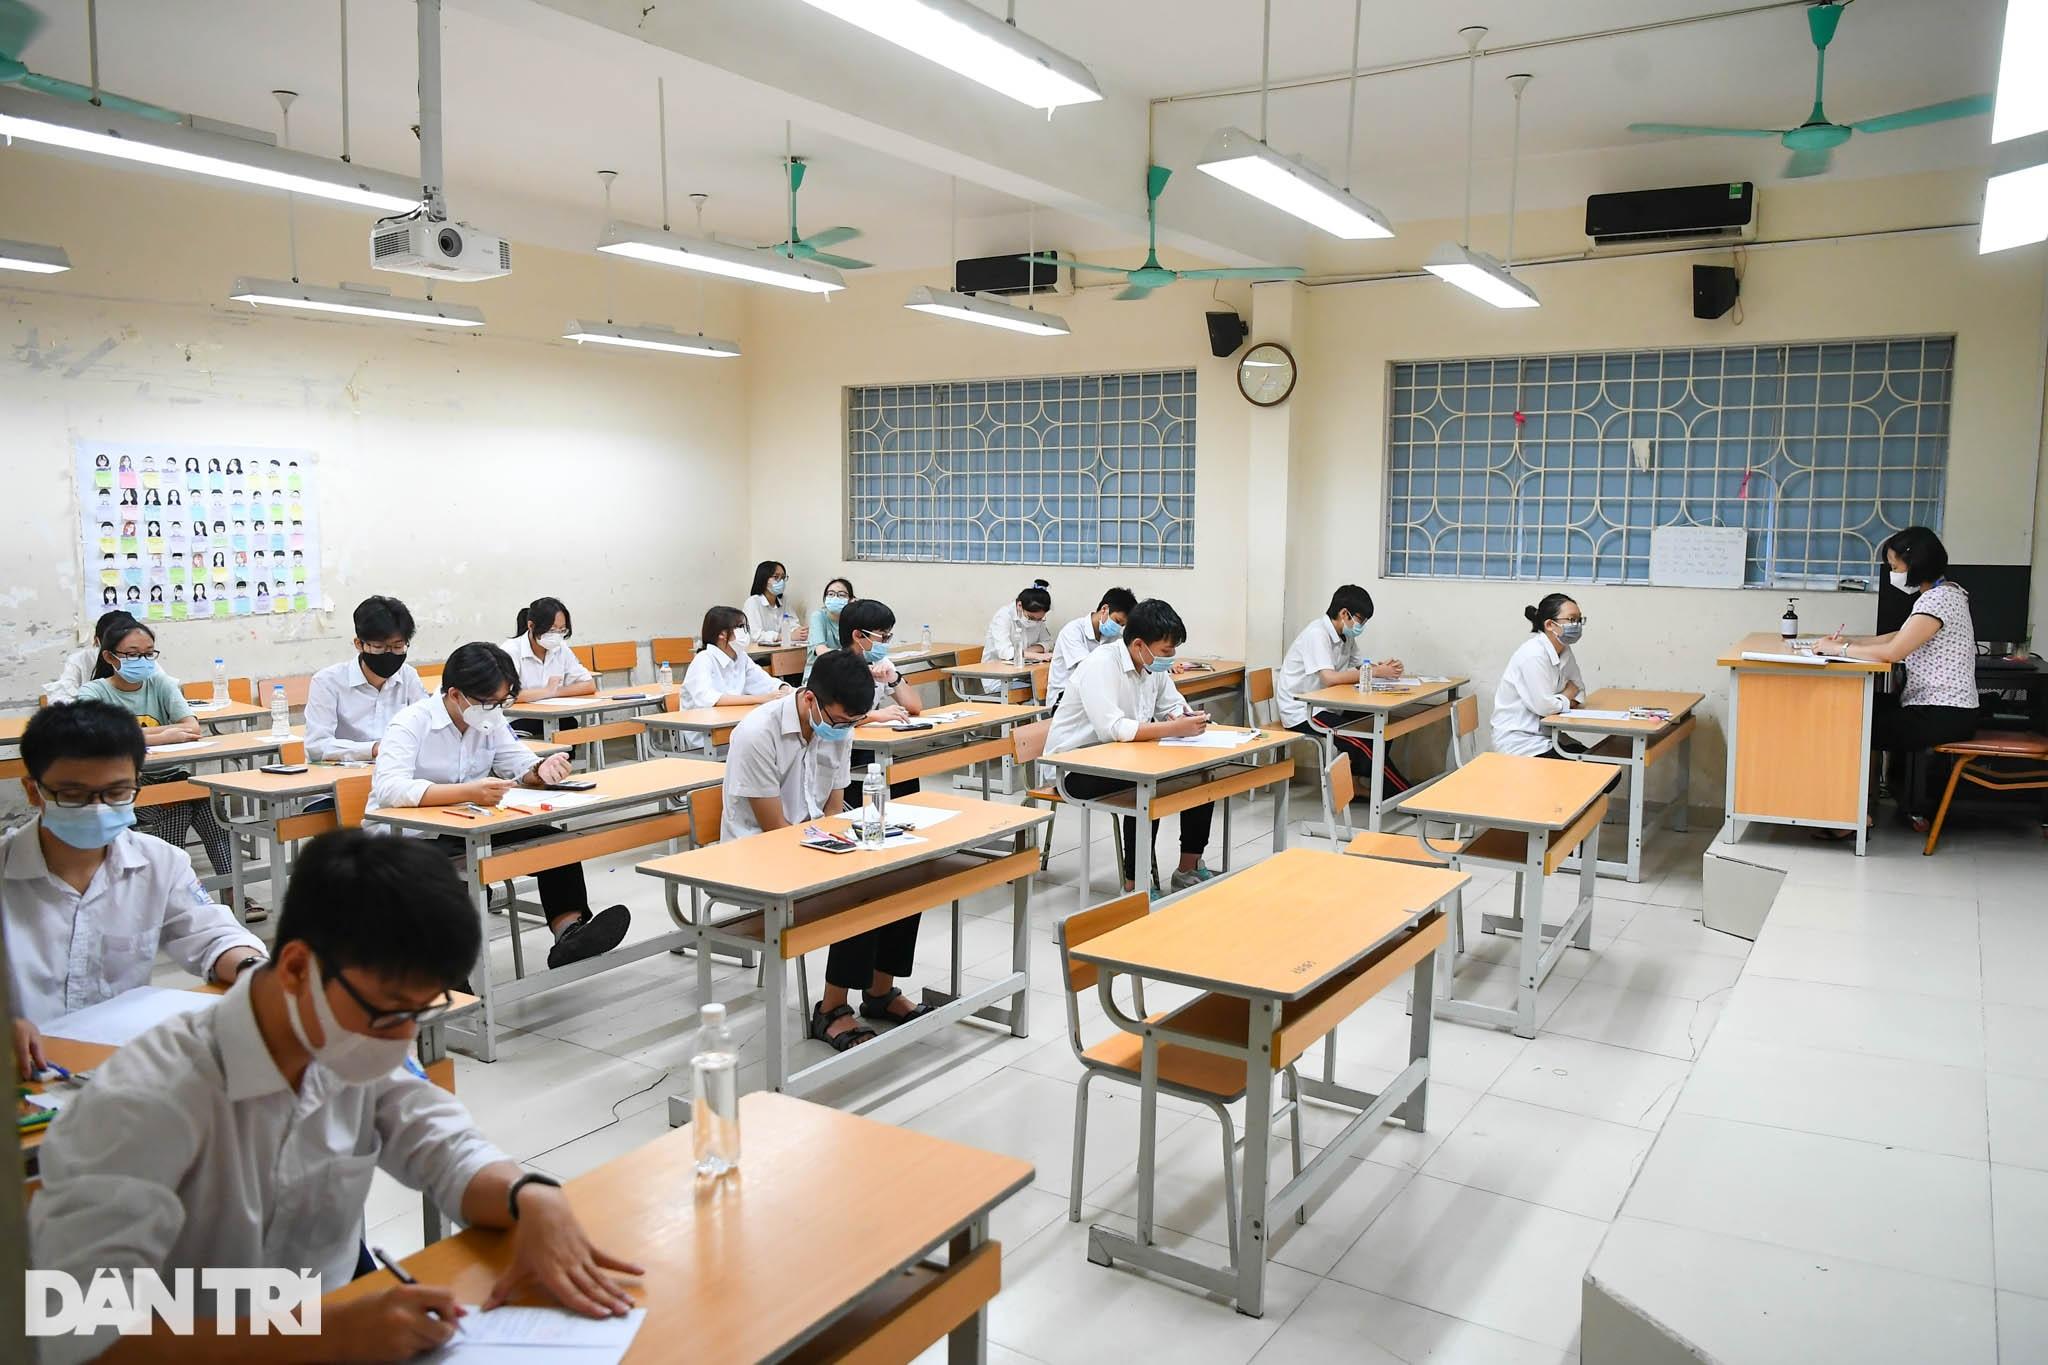 Điểm nhấn kỳ thi lớp 10 Hà Nội: Sĩ tử đội mưa và những cái ôm xúc động - 13